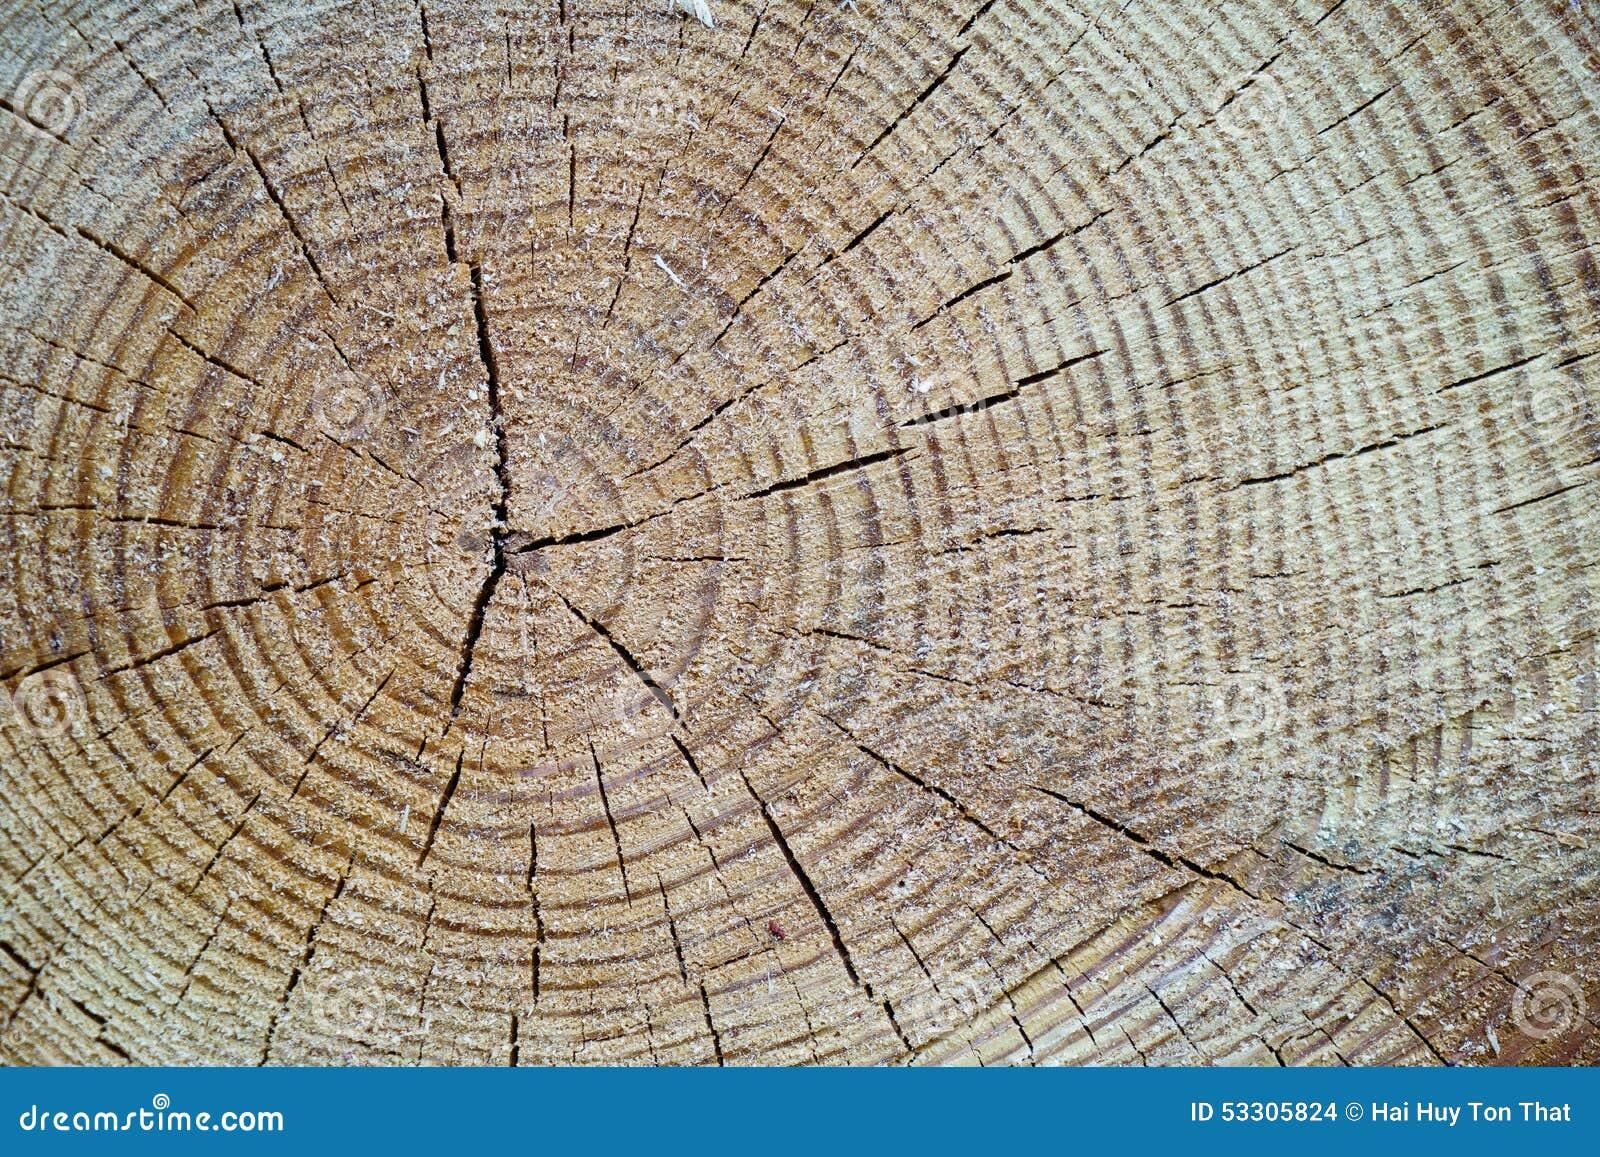 tronc d 39 arbre en bois de coupe de texture photo stock image du brun tron onneuse 53305824. Black Bedroom Furniture Sets. Home Design Ideas